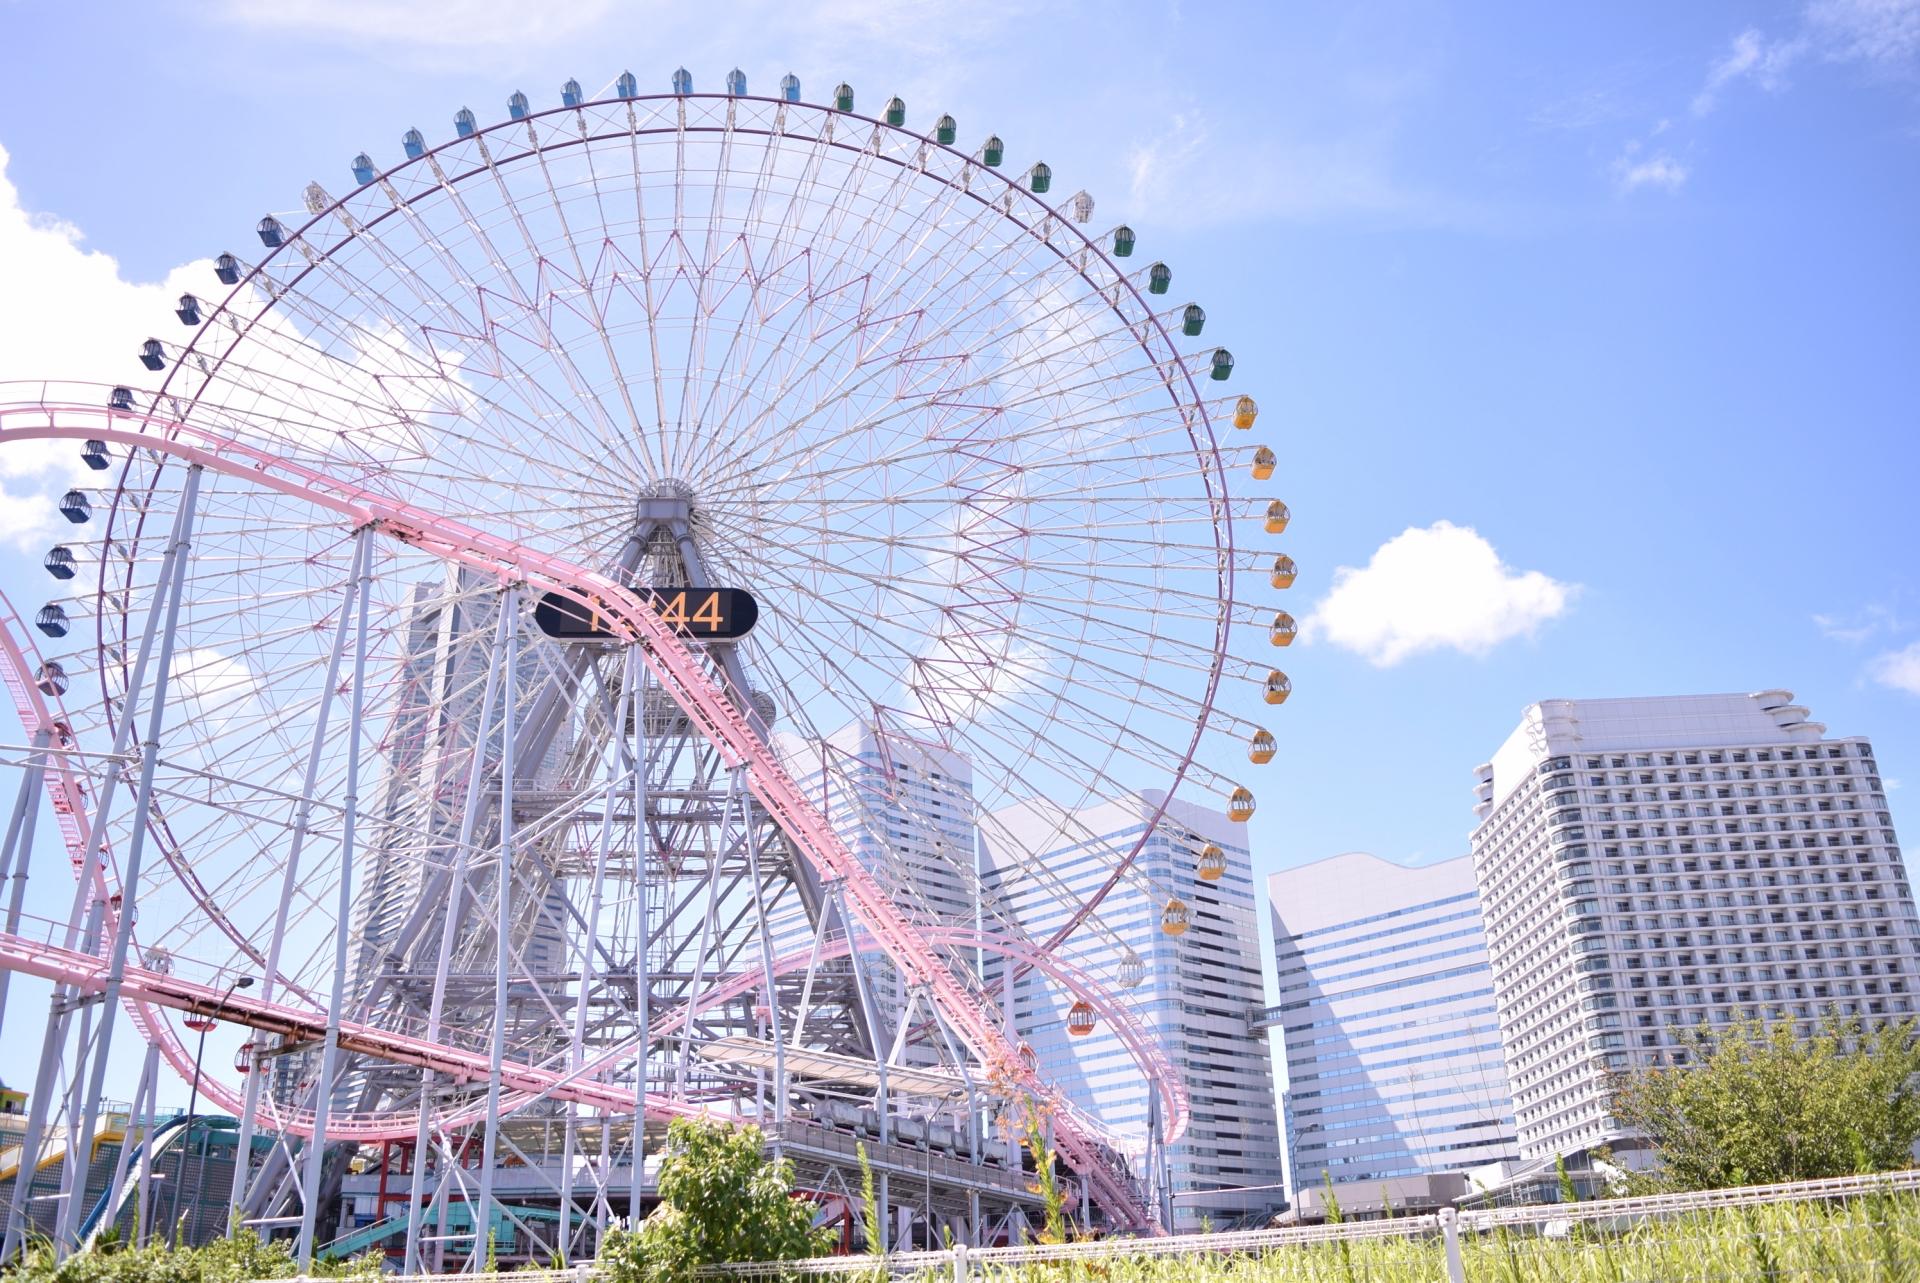 【横浜】子供におすすめの遊び場21選!無料で楽しめる所や室内の施設もあり!